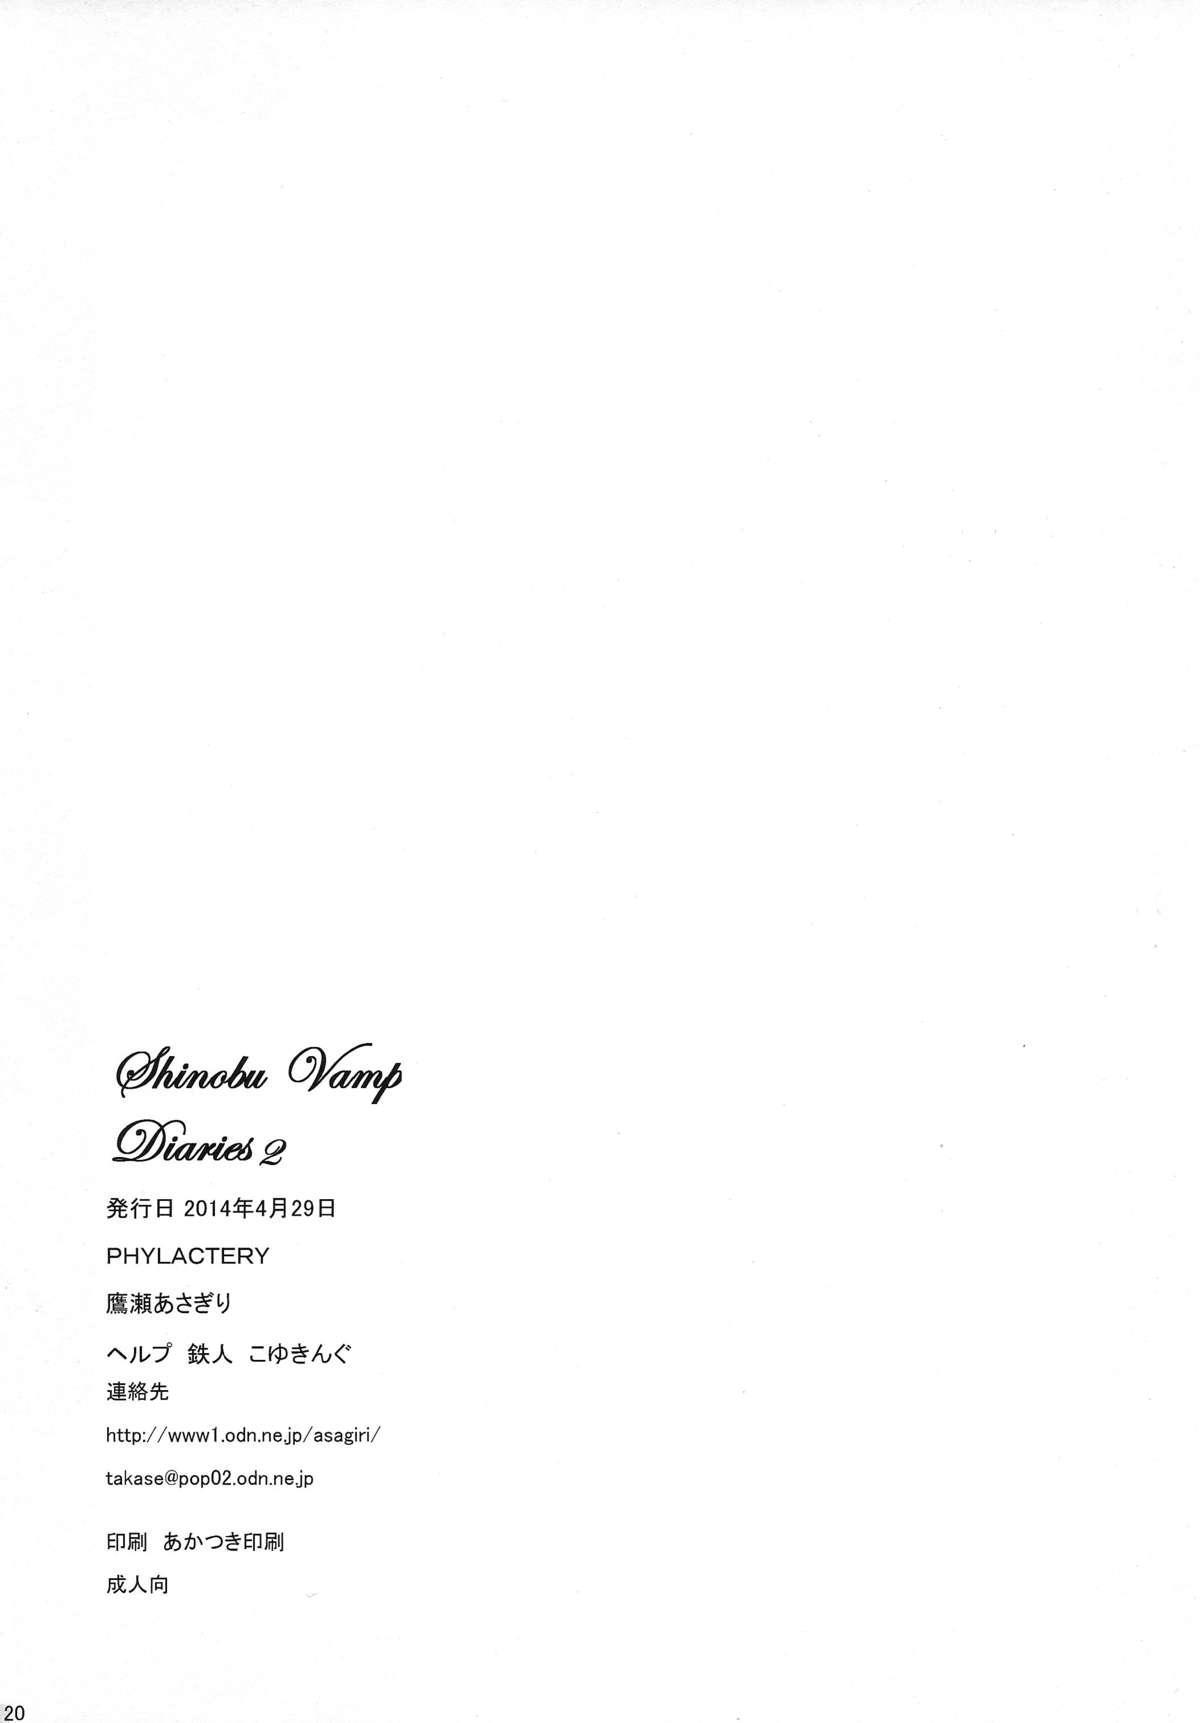 Shinobu Vamp Diaries 2 19